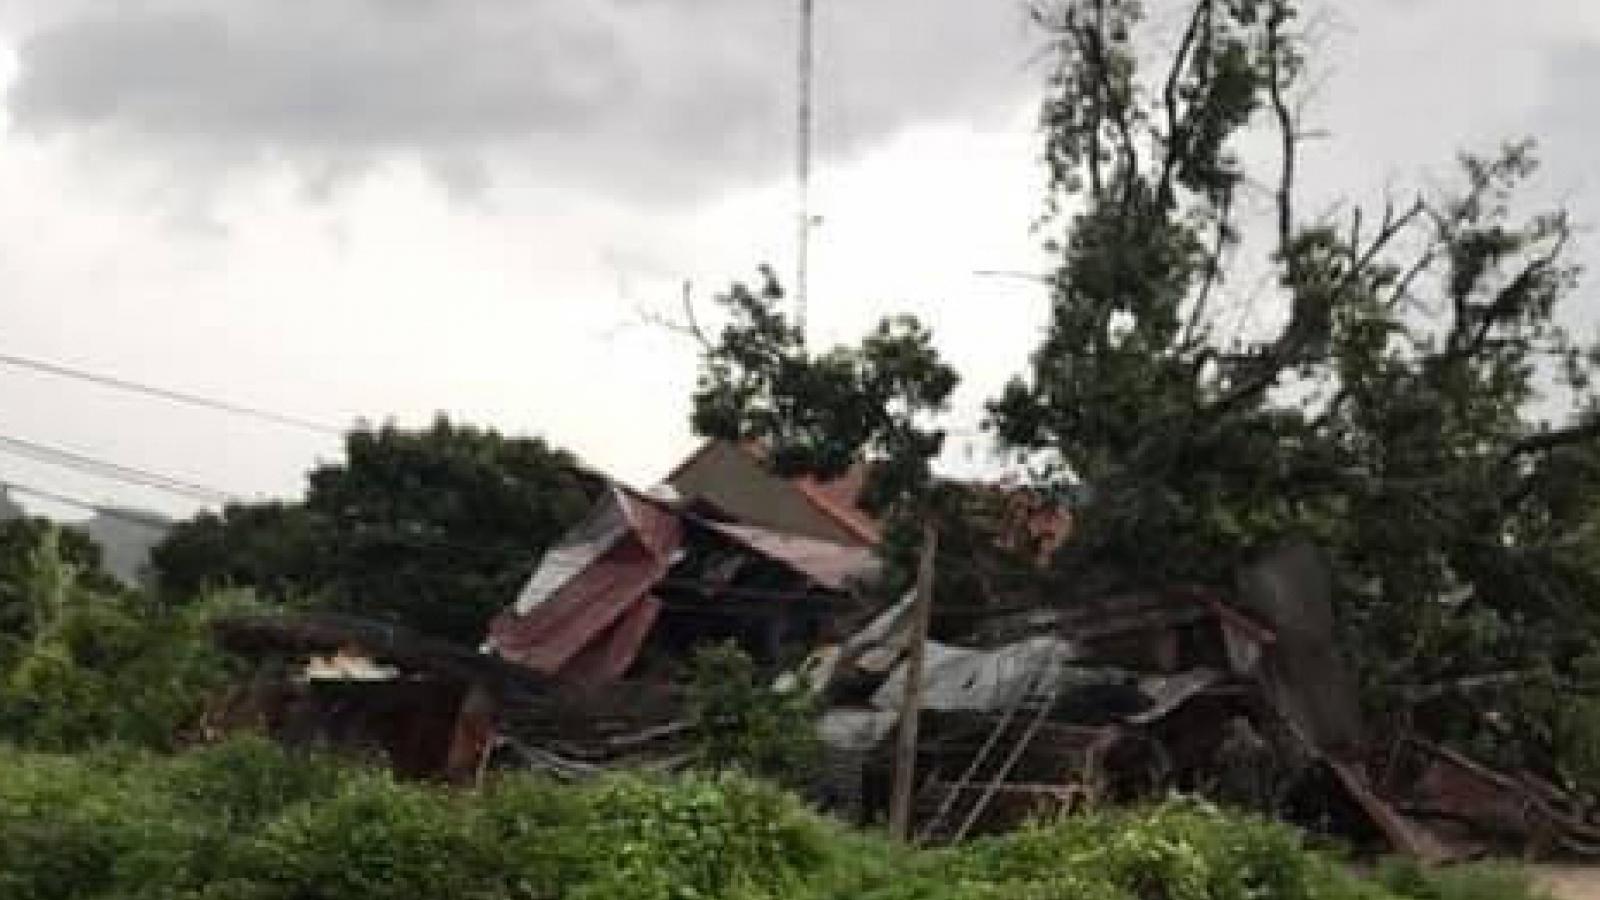 Cây cổ thụ gẫy, đổ sập nhà xưởng do mưa lốc ở Sơn La